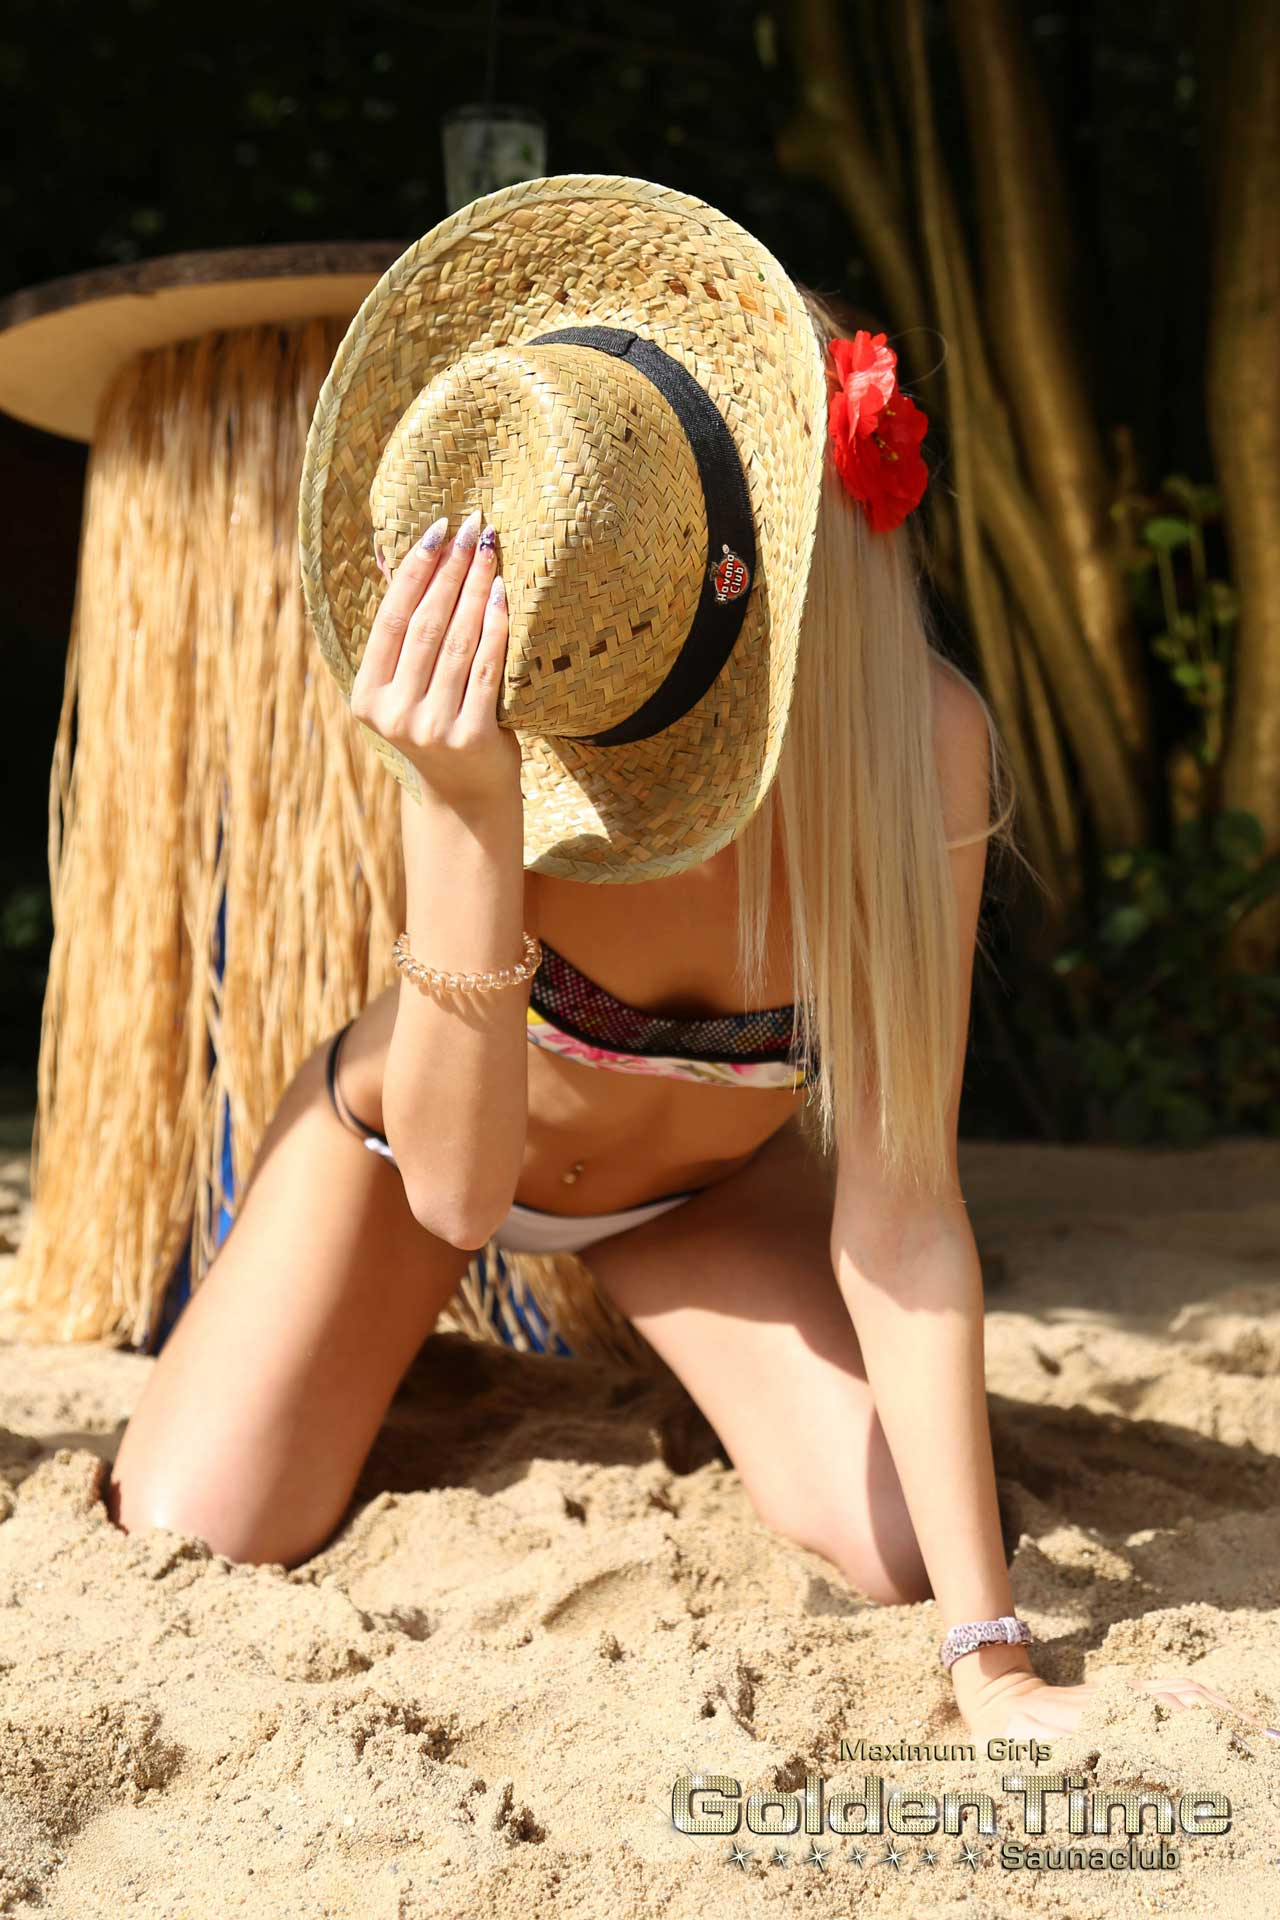 havanna-summer-goldentime-fkk-saunaclub-(109-von-209)-web.jpg